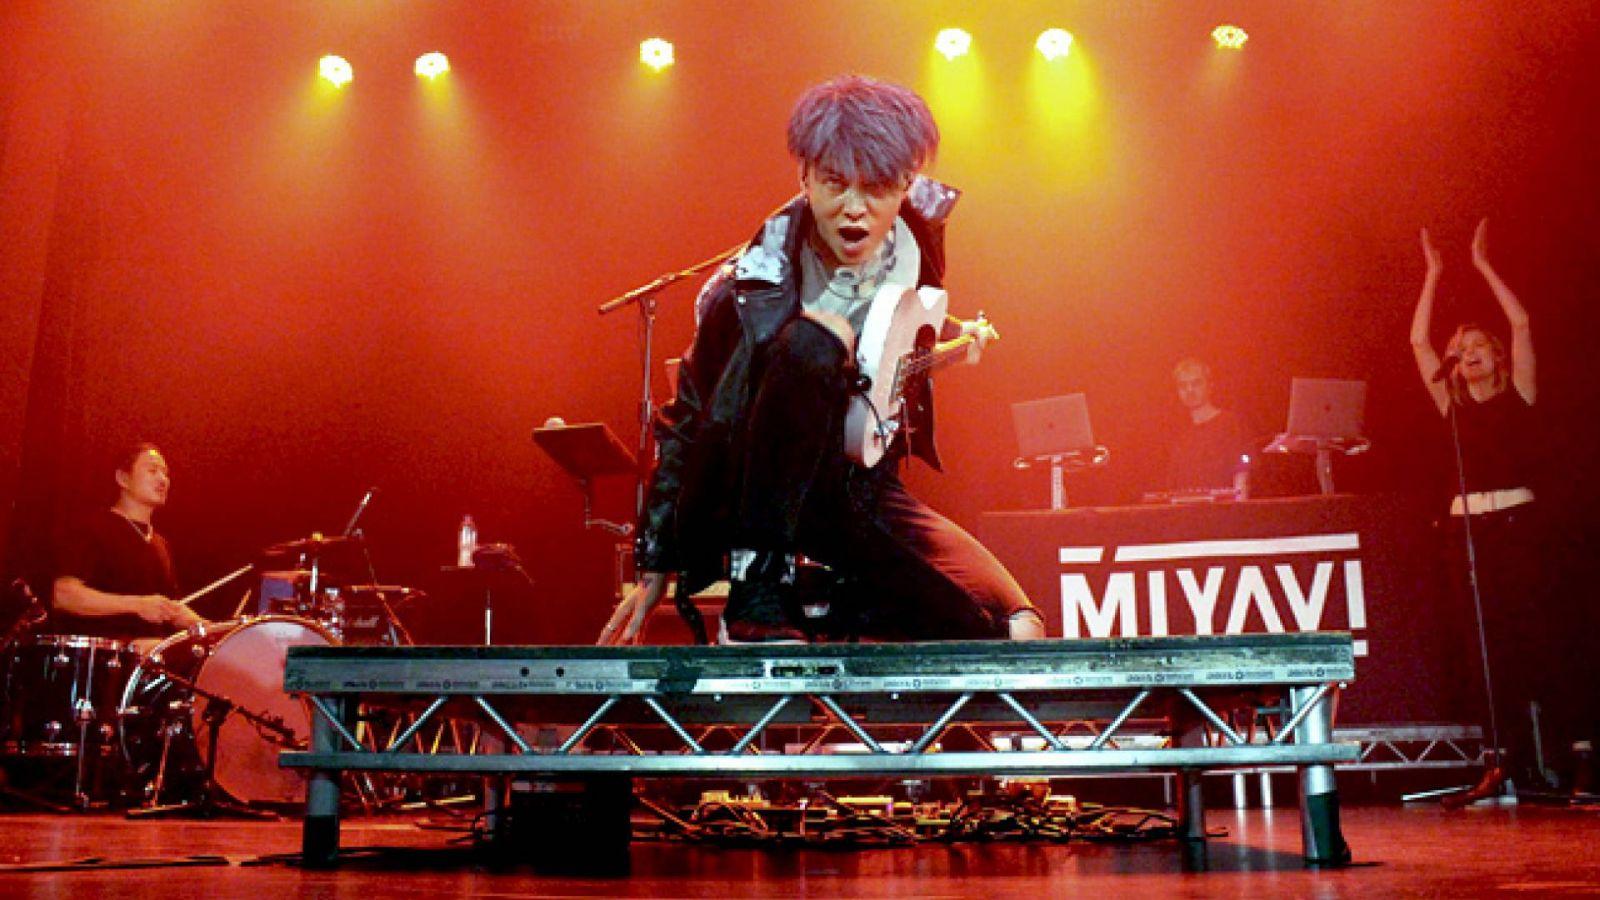 MIYAVI en ULU Live, Londres © Rachel Yarwood